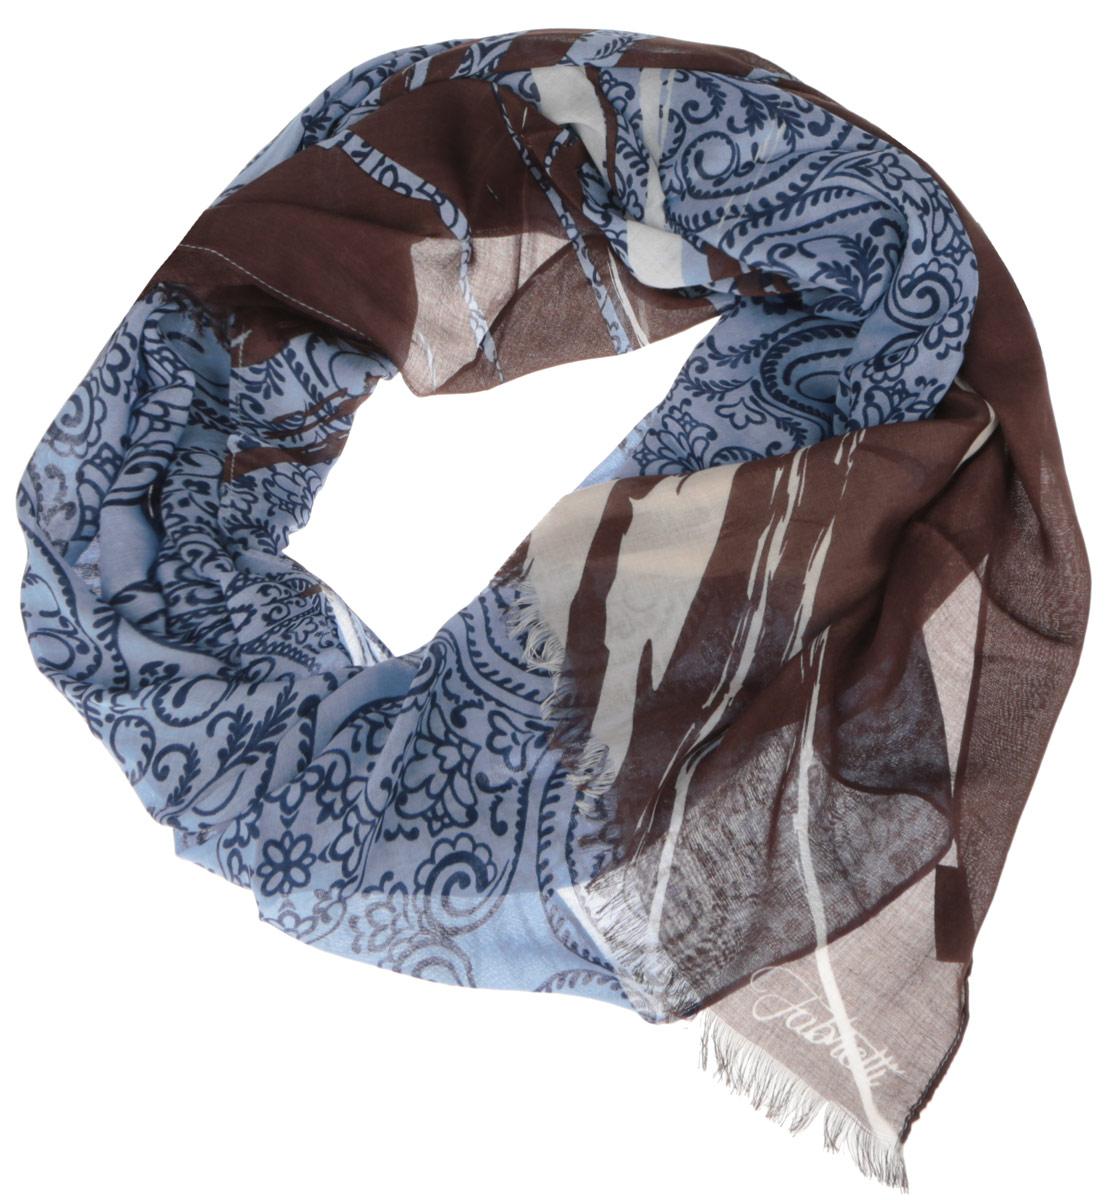 Шарф женский Fabretti, цвет: голубой, темно-коричневый. DS2015-001-4. Размер 184 см х 70 смDS2015-001-4Модный женский шарф Fabretti подарит вам уют и станет стильным аксессуаром, который призван подчеркнуть вашу индивидуальность и женственность. Тонкий шарф выполнен из высококачественного модала с добавлением вискозы, он невероятно мягкий и приятный на ощупь. Шарф оформлен принтом с оригинальным цветочным орнаментом.Этот модный аксессуар гармонично дополнит образ современной женщины, следящей за своим имиджем и стремящейся всегда оставаться стильной и элегантной. Такой шарф украсит любой наряд и согреет вас в непогоду, с ним вы всегда будете выглядеть изысканно и оригинально.